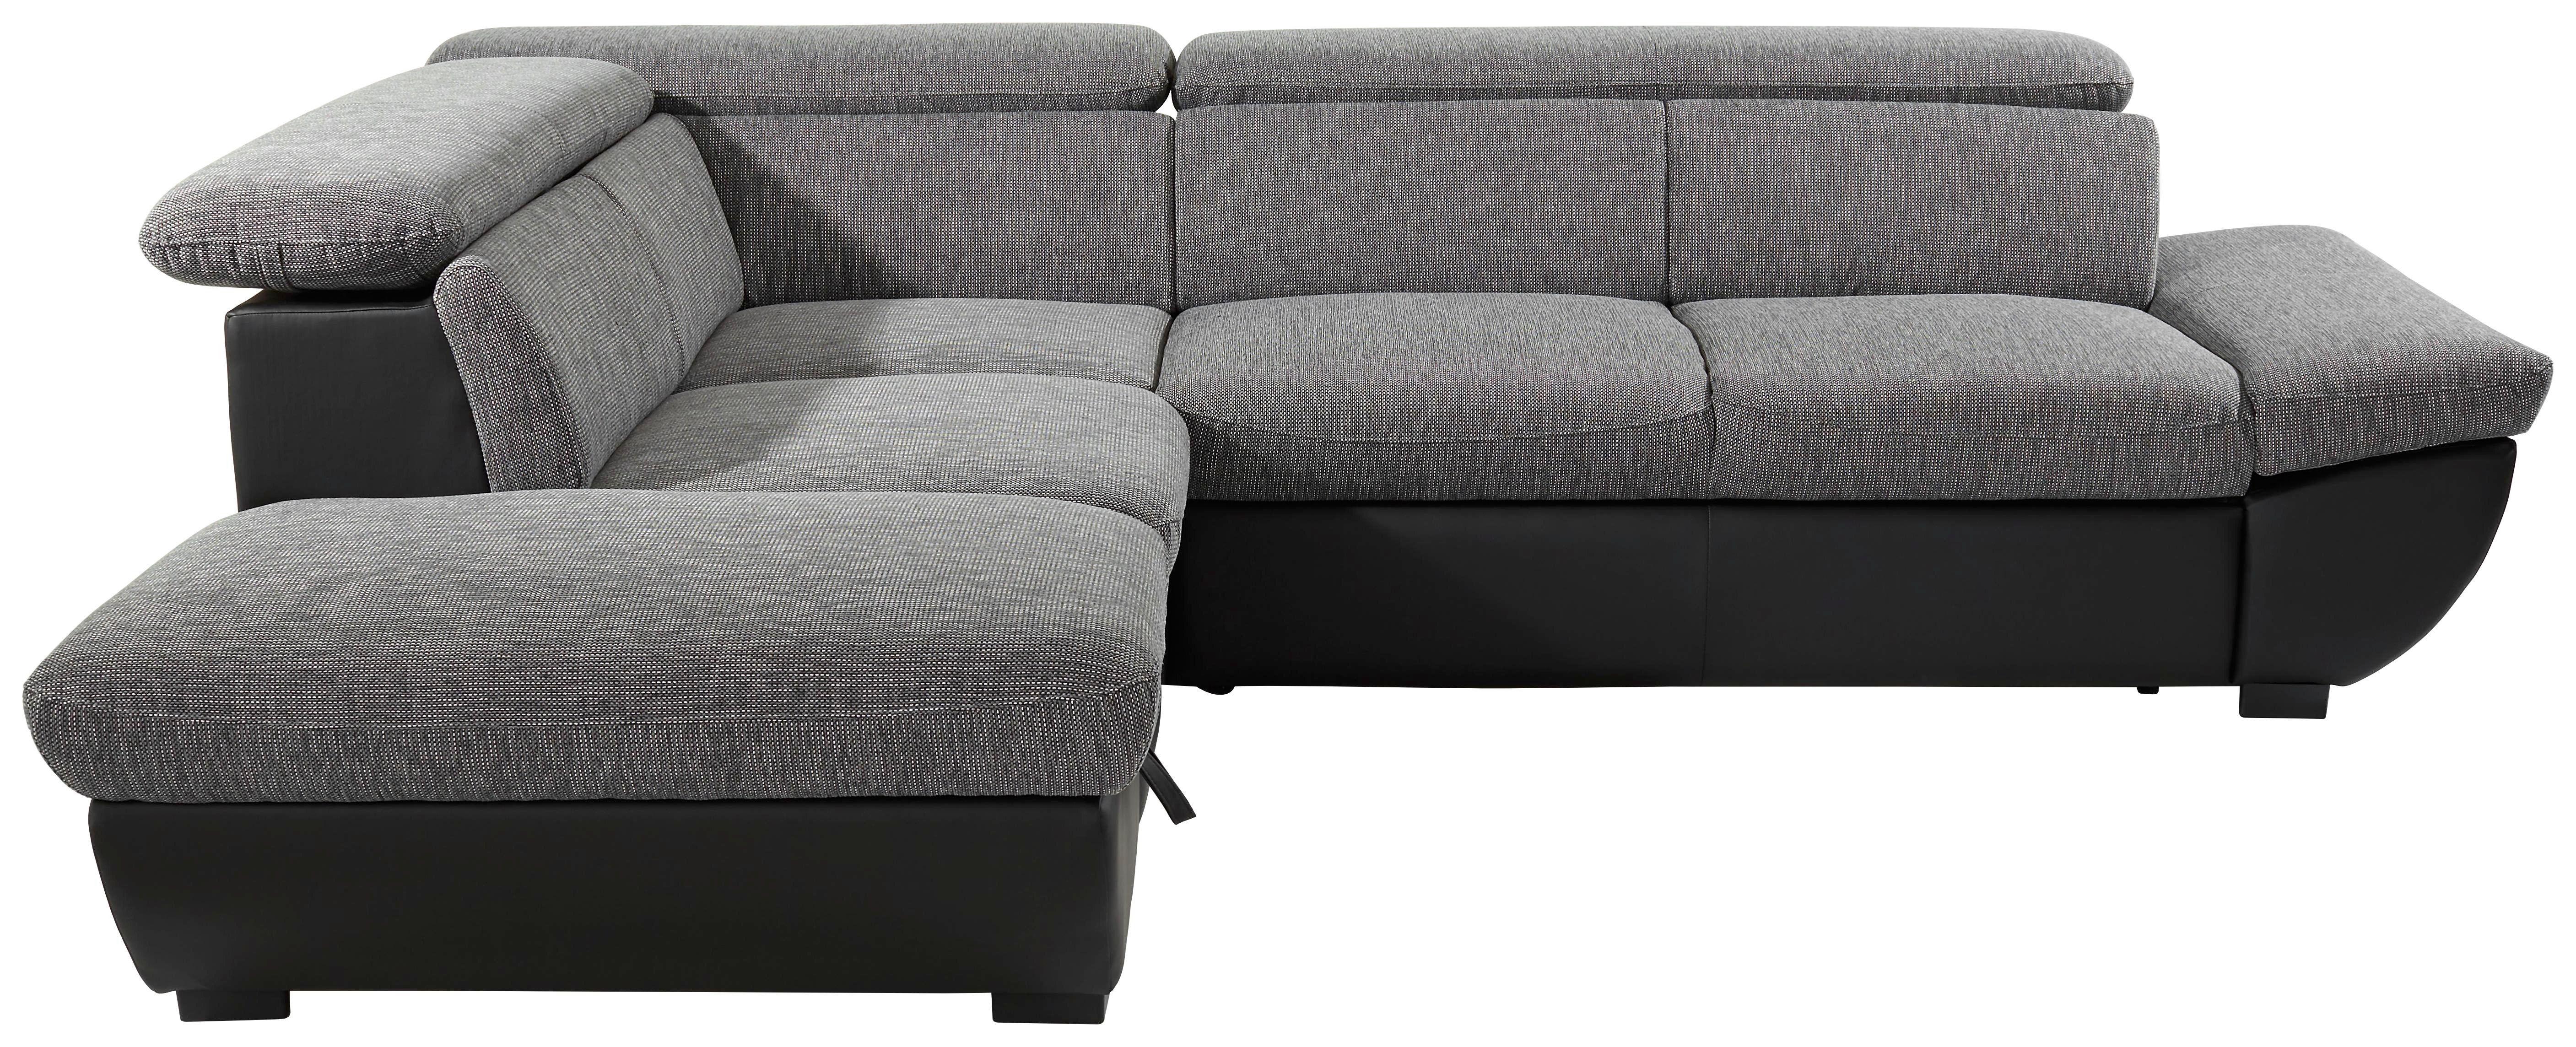 Sedací Souprava Chance - šedá/černá, Moderní, textilie (228/270cm)